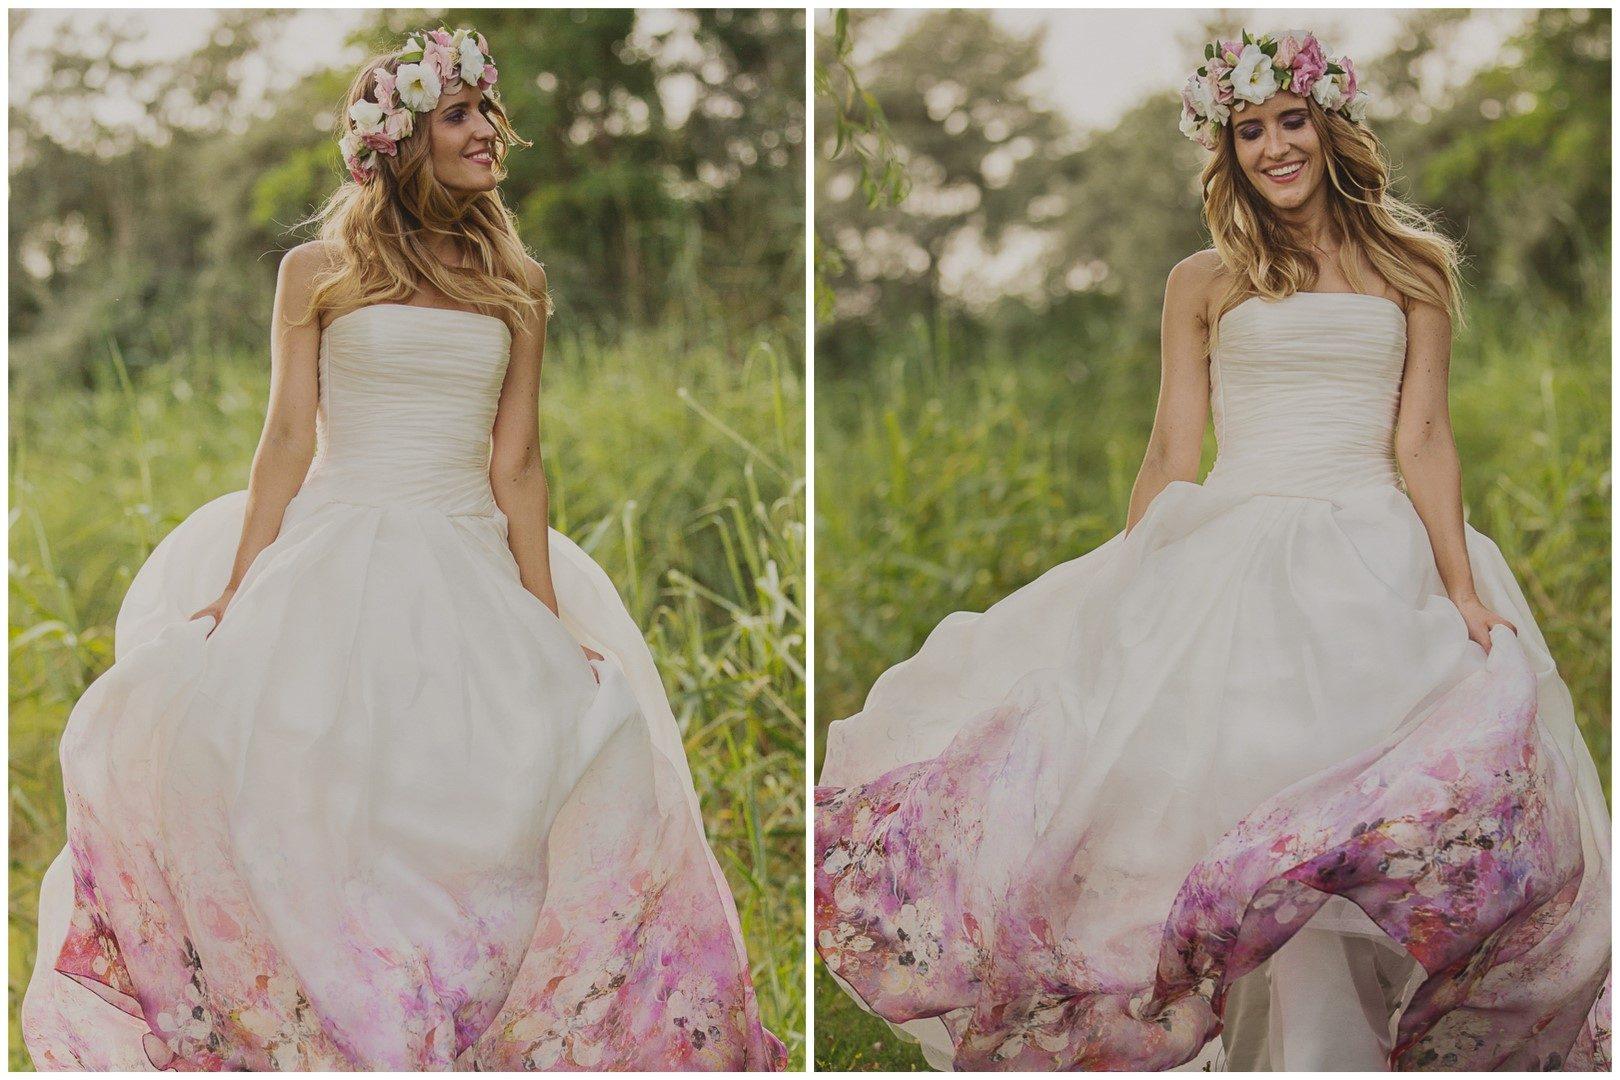 ,kreatív fotózás,kreatív képek,virágos ruha,esküvő,valódi esküvő,virágos esküvői ruha,daalarna,daalarna esküvői ruha,virágok,virágkoszorú,tóparti esküvő,